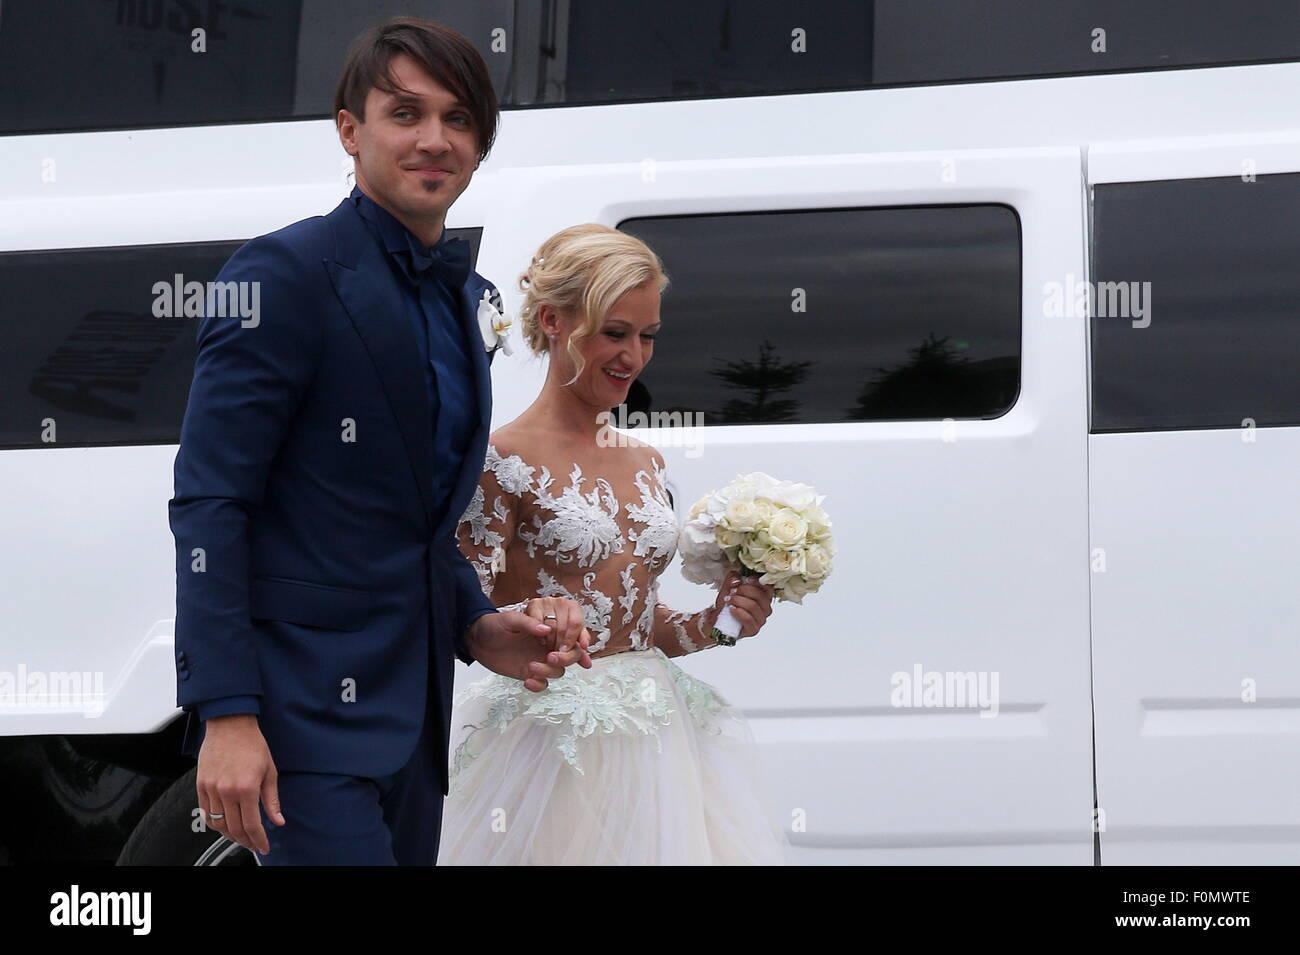 Moskau, Russland. 18. August 2015. Zweifache Eiskunstlauf-Weltmeister Maxim Trankow (L) und Tatiana Volosozhar während Stockfoto